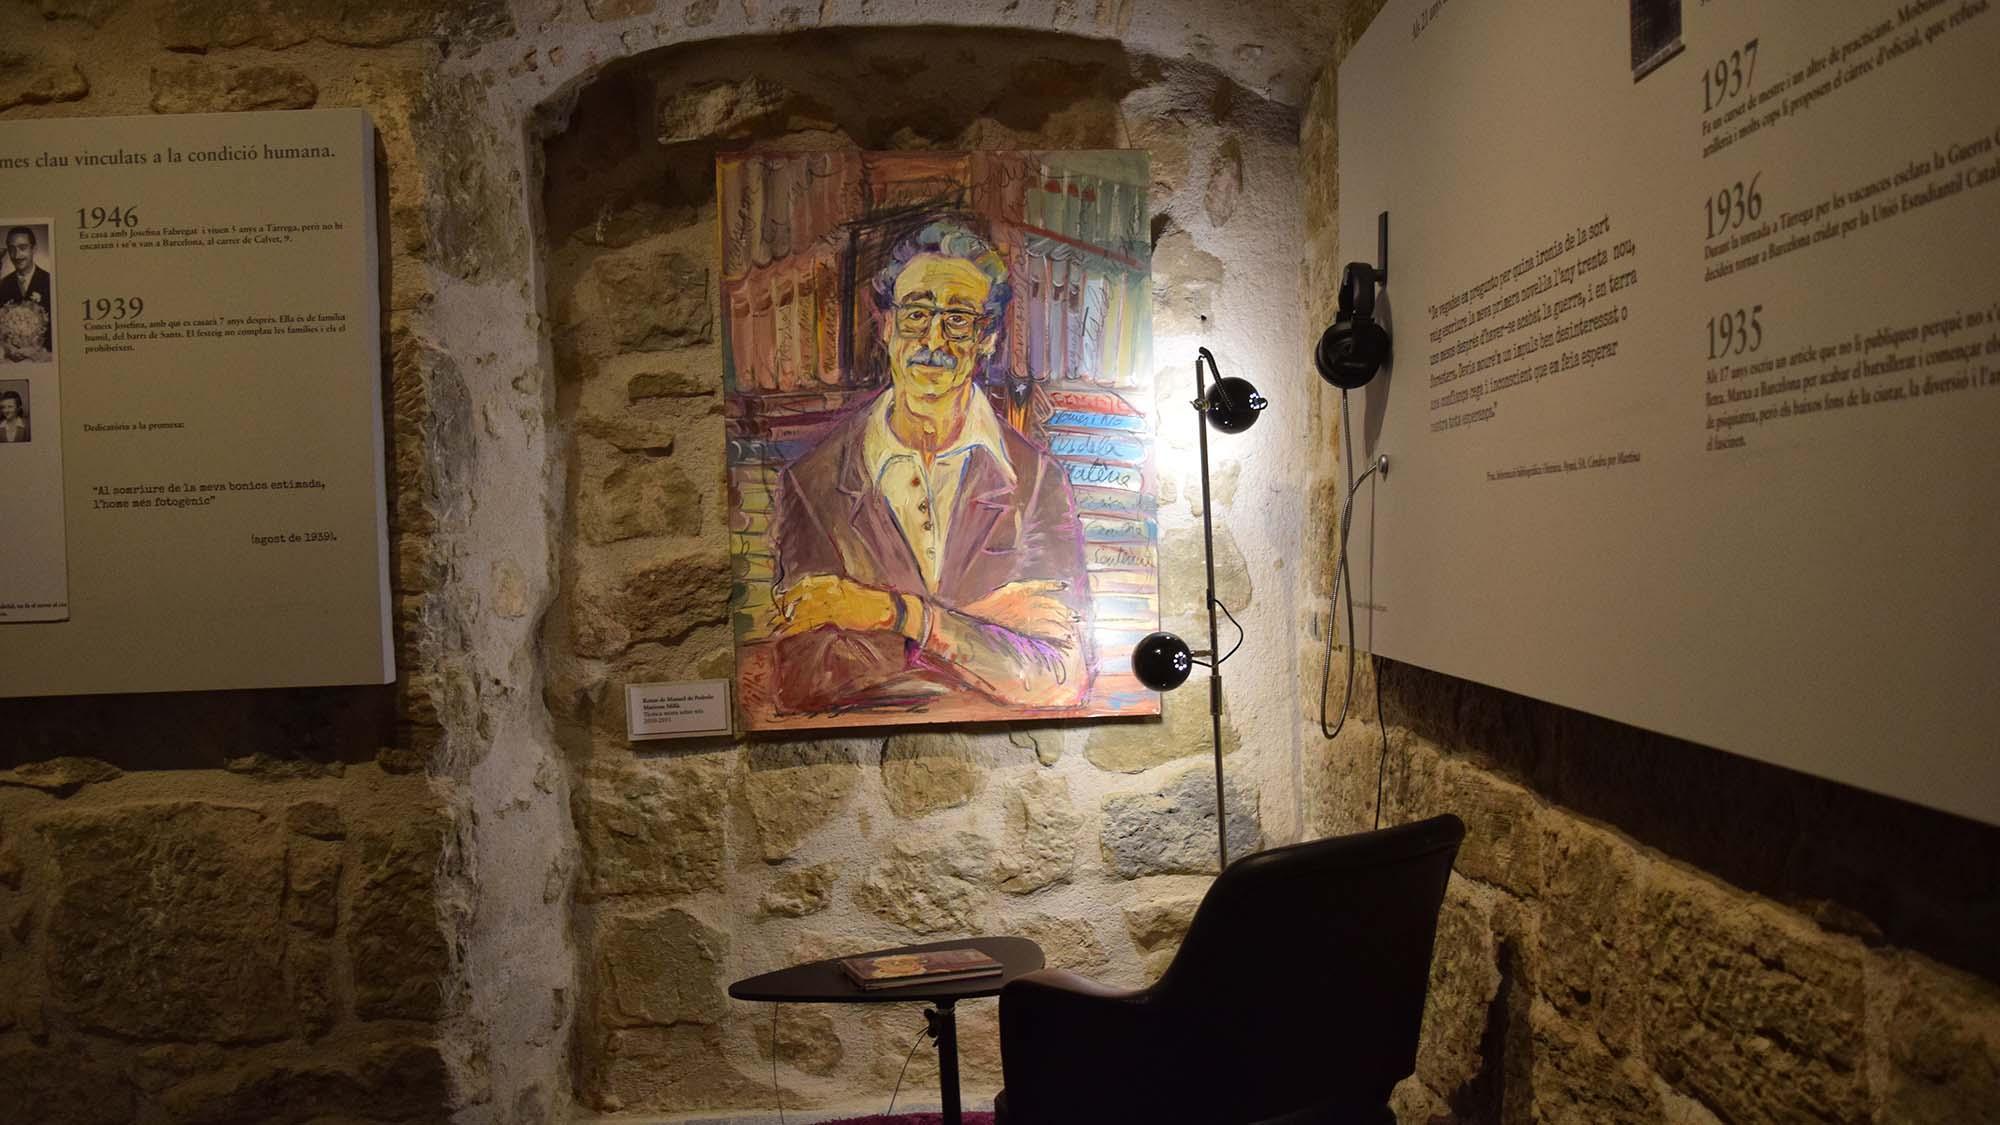 Museum of Espai Pedrolo